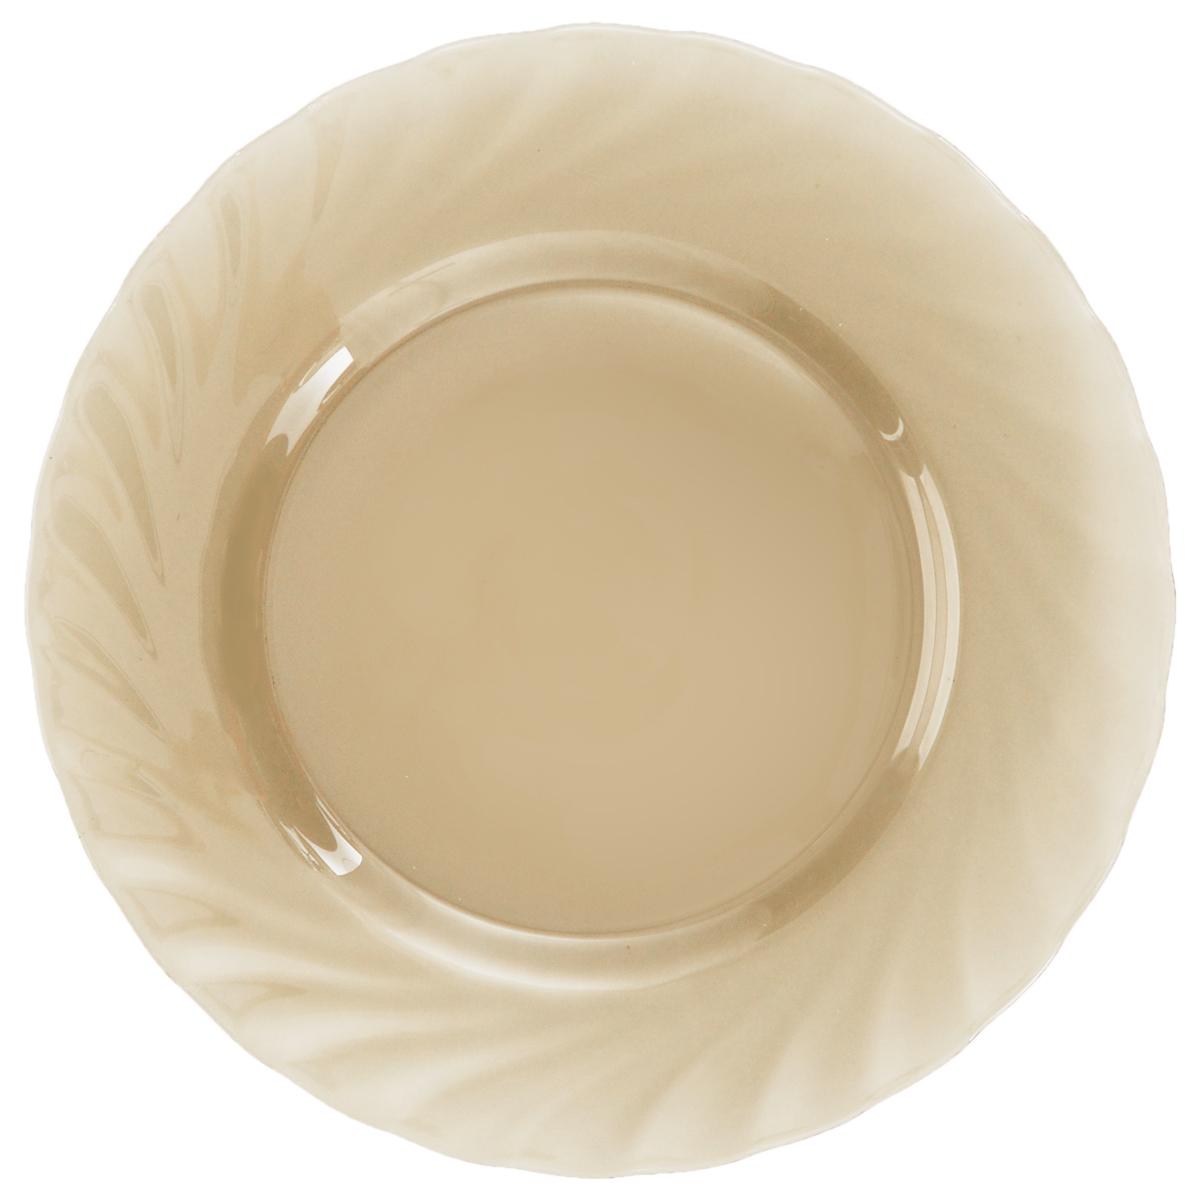 Тарелка десертная Luminarc Ocean Eclipse, диаметр 19,5 см115510Десертная тарелка Luminarc Ocean Eclipse изготовлена из ударопрочного стекла. Такая тарелка прекрасно подходит как для торжественных случаев, так и для повседневного использования. Идеальна для подачи десертов, пирожных, тортов и многого другого. Она прекрасно оформит стол и станет отличным дополнением к вашей коллекции кухонной посуды. Диаметр тарелки (по верхнему краю): 19,5 см.